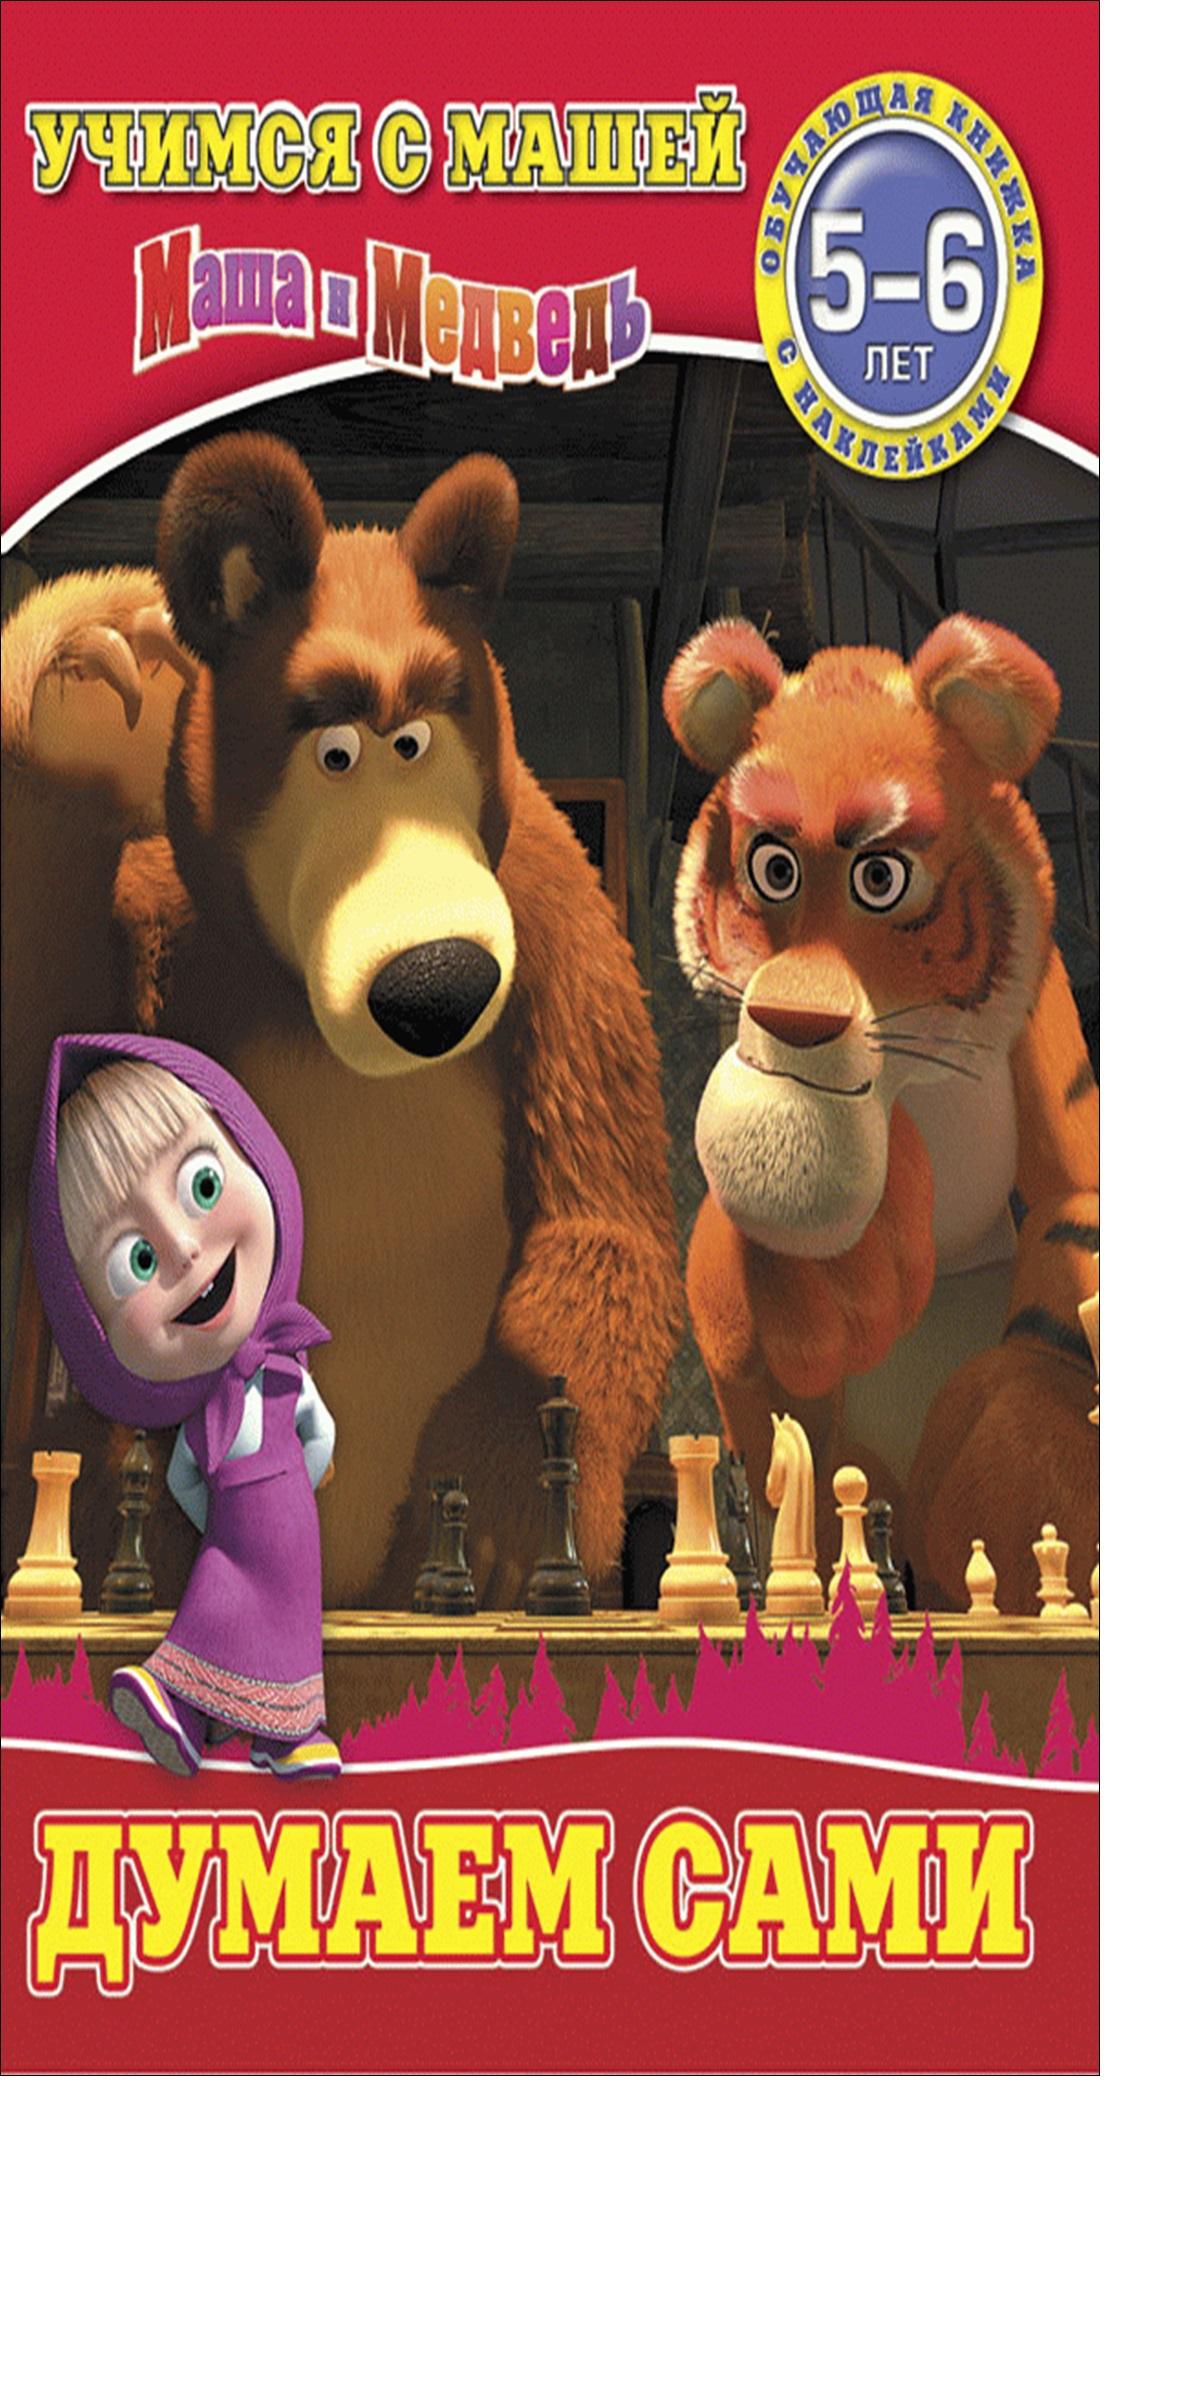 Думаем сами. Маша и Медведь. Учимся с Машей. 5-6 лет.